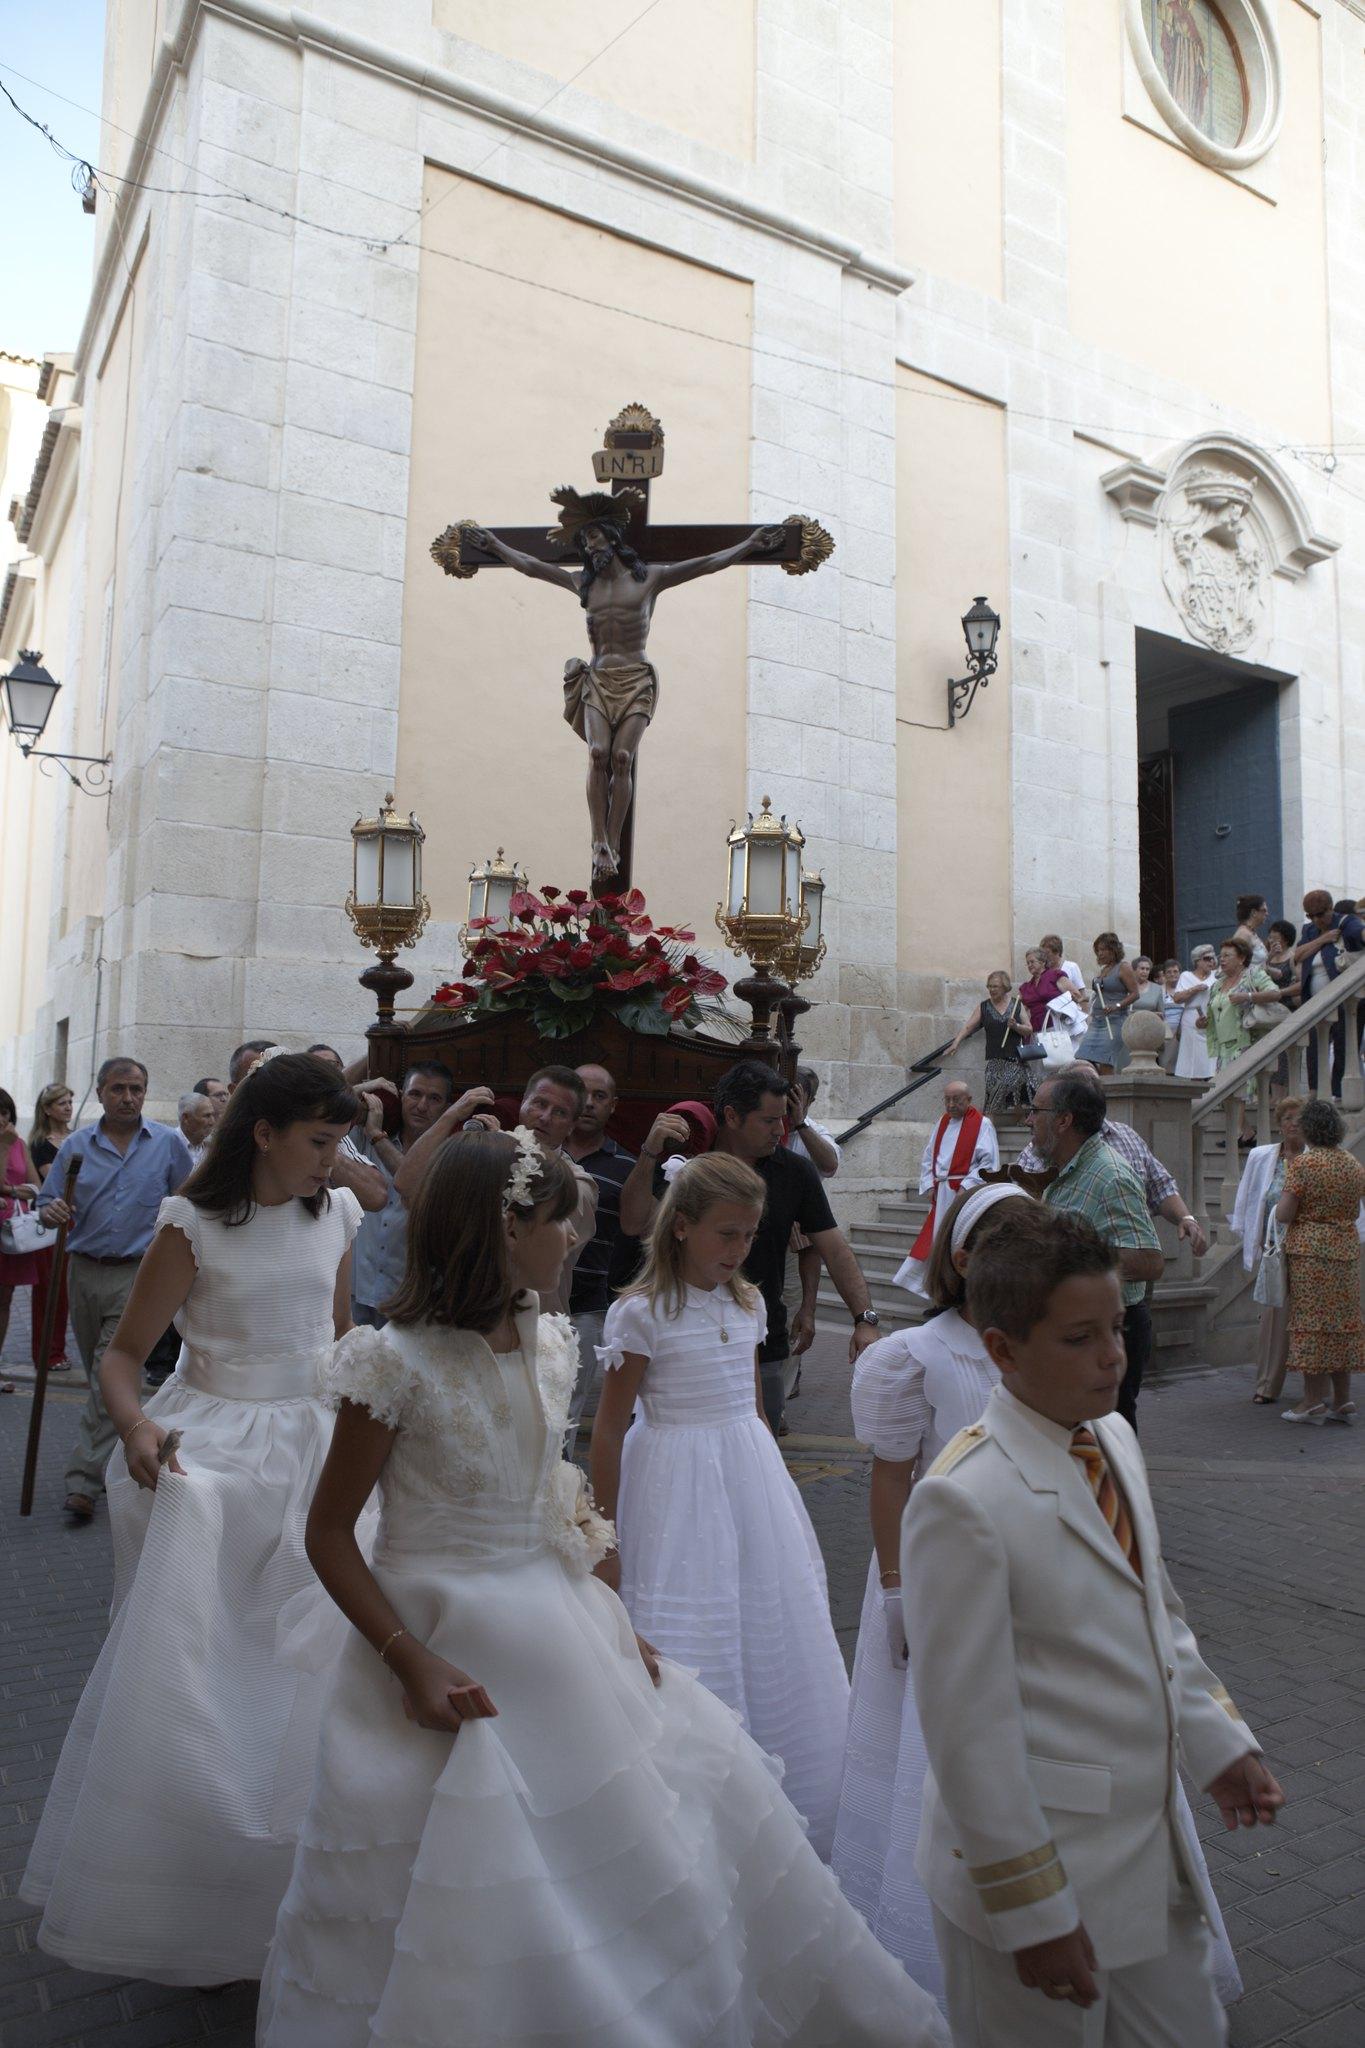 (2009-07-05) Procesión de subida - Heliodoro Corbí Sirvent (14)